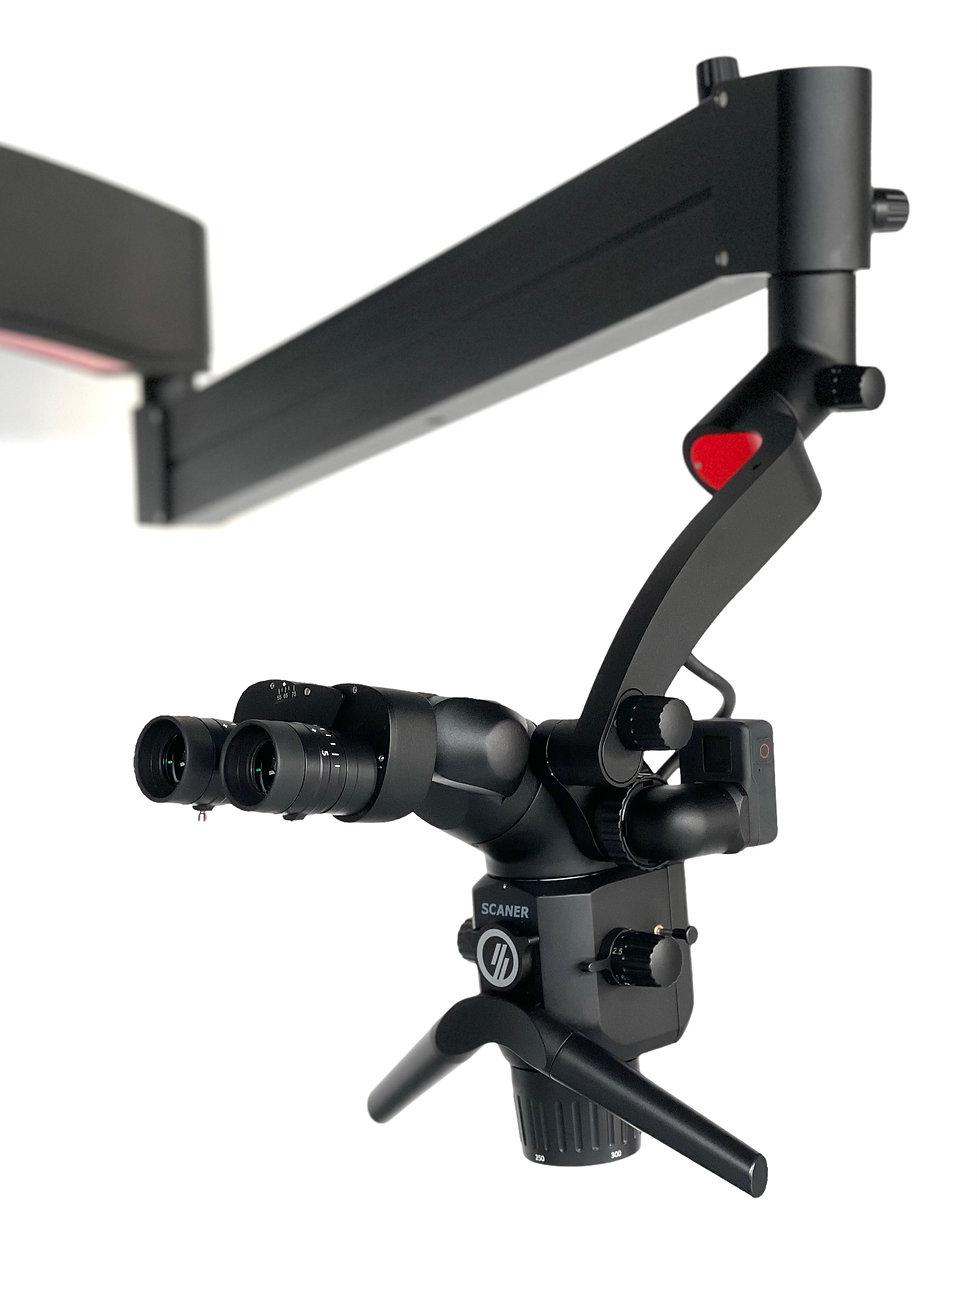 SCANER Master - Dental microscope